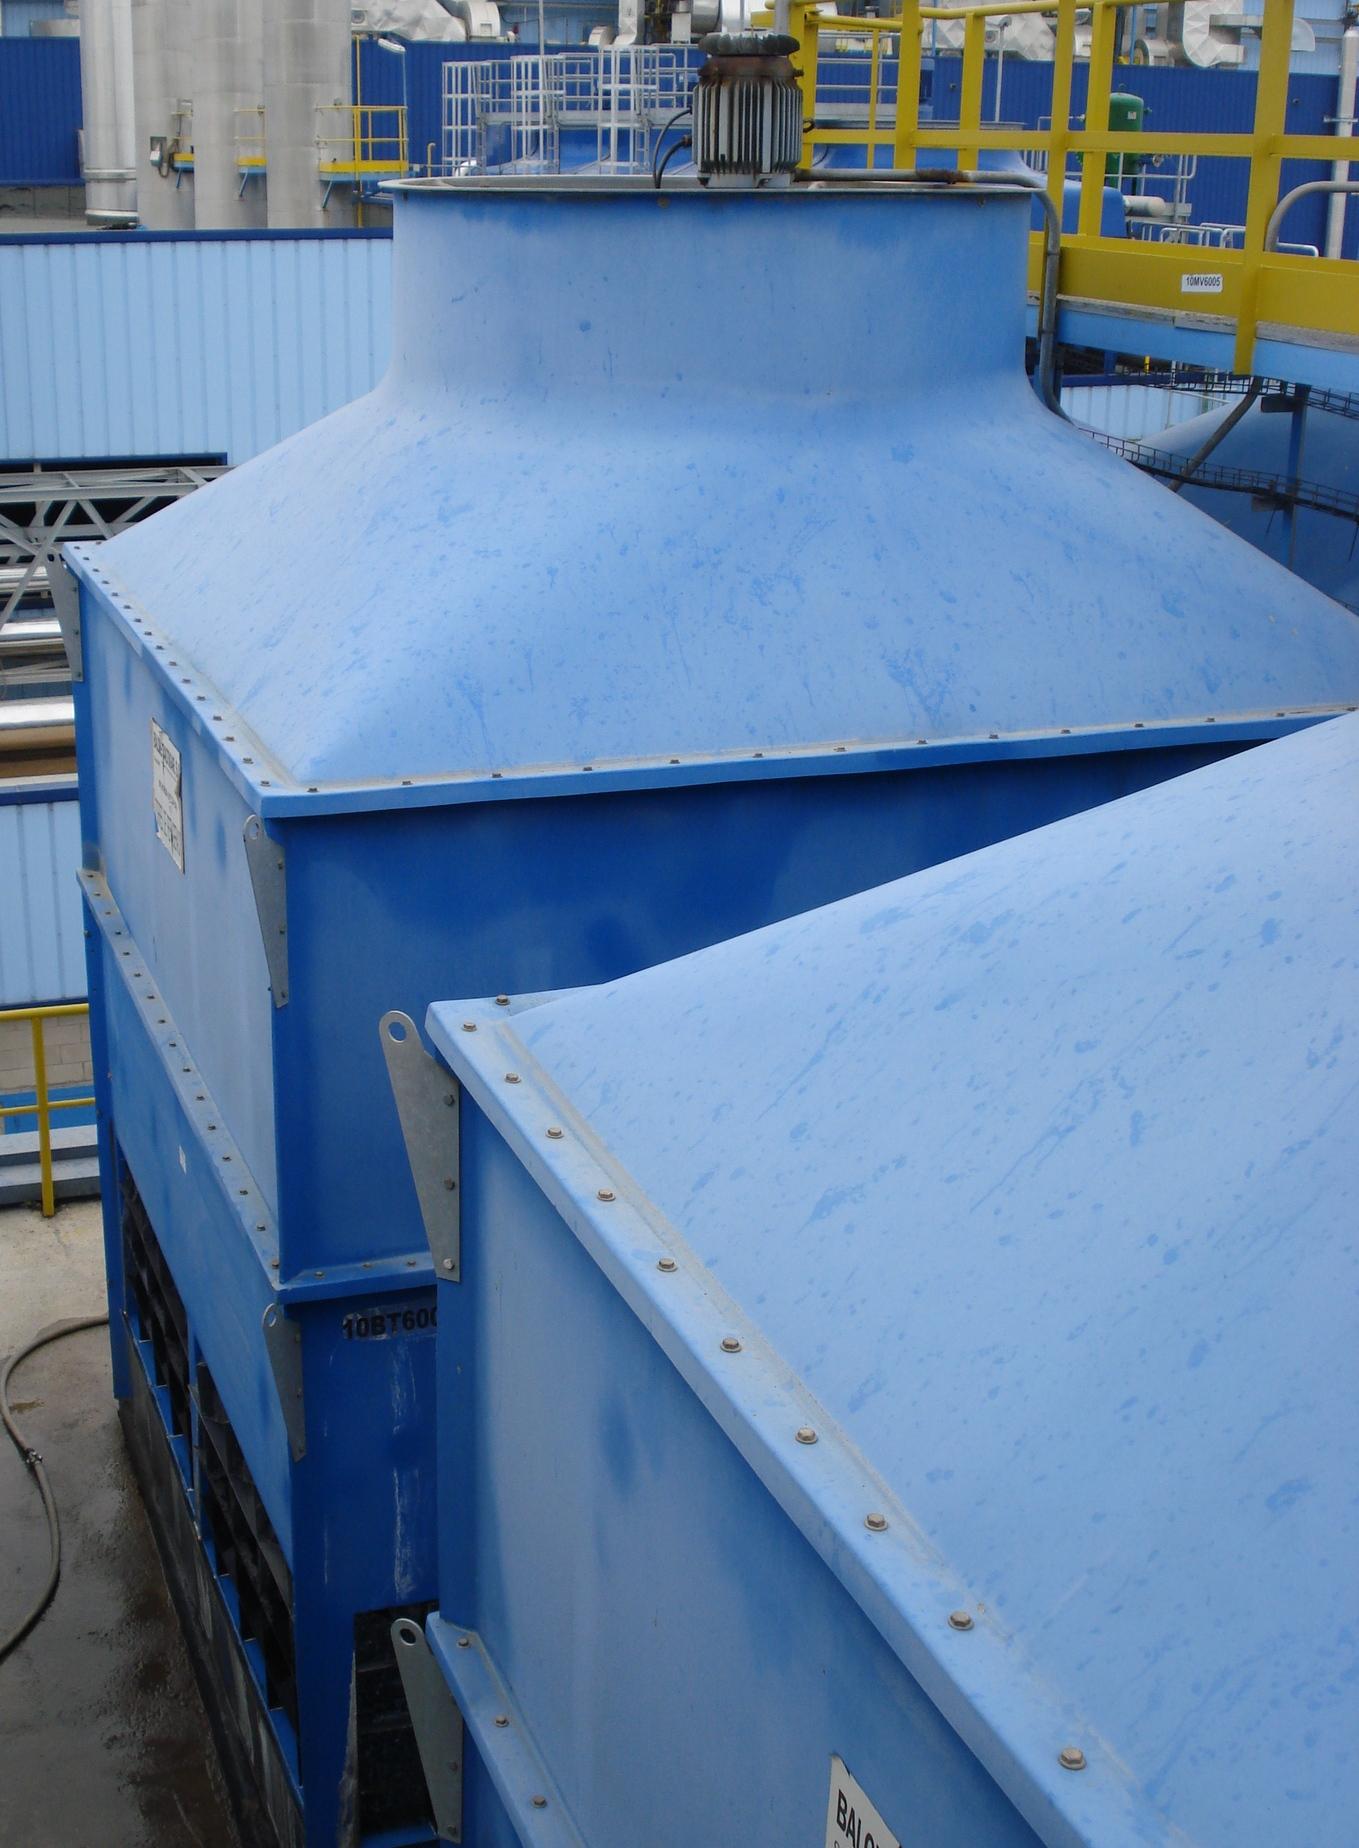 Imagen de una torre de refrigeración en un tejado